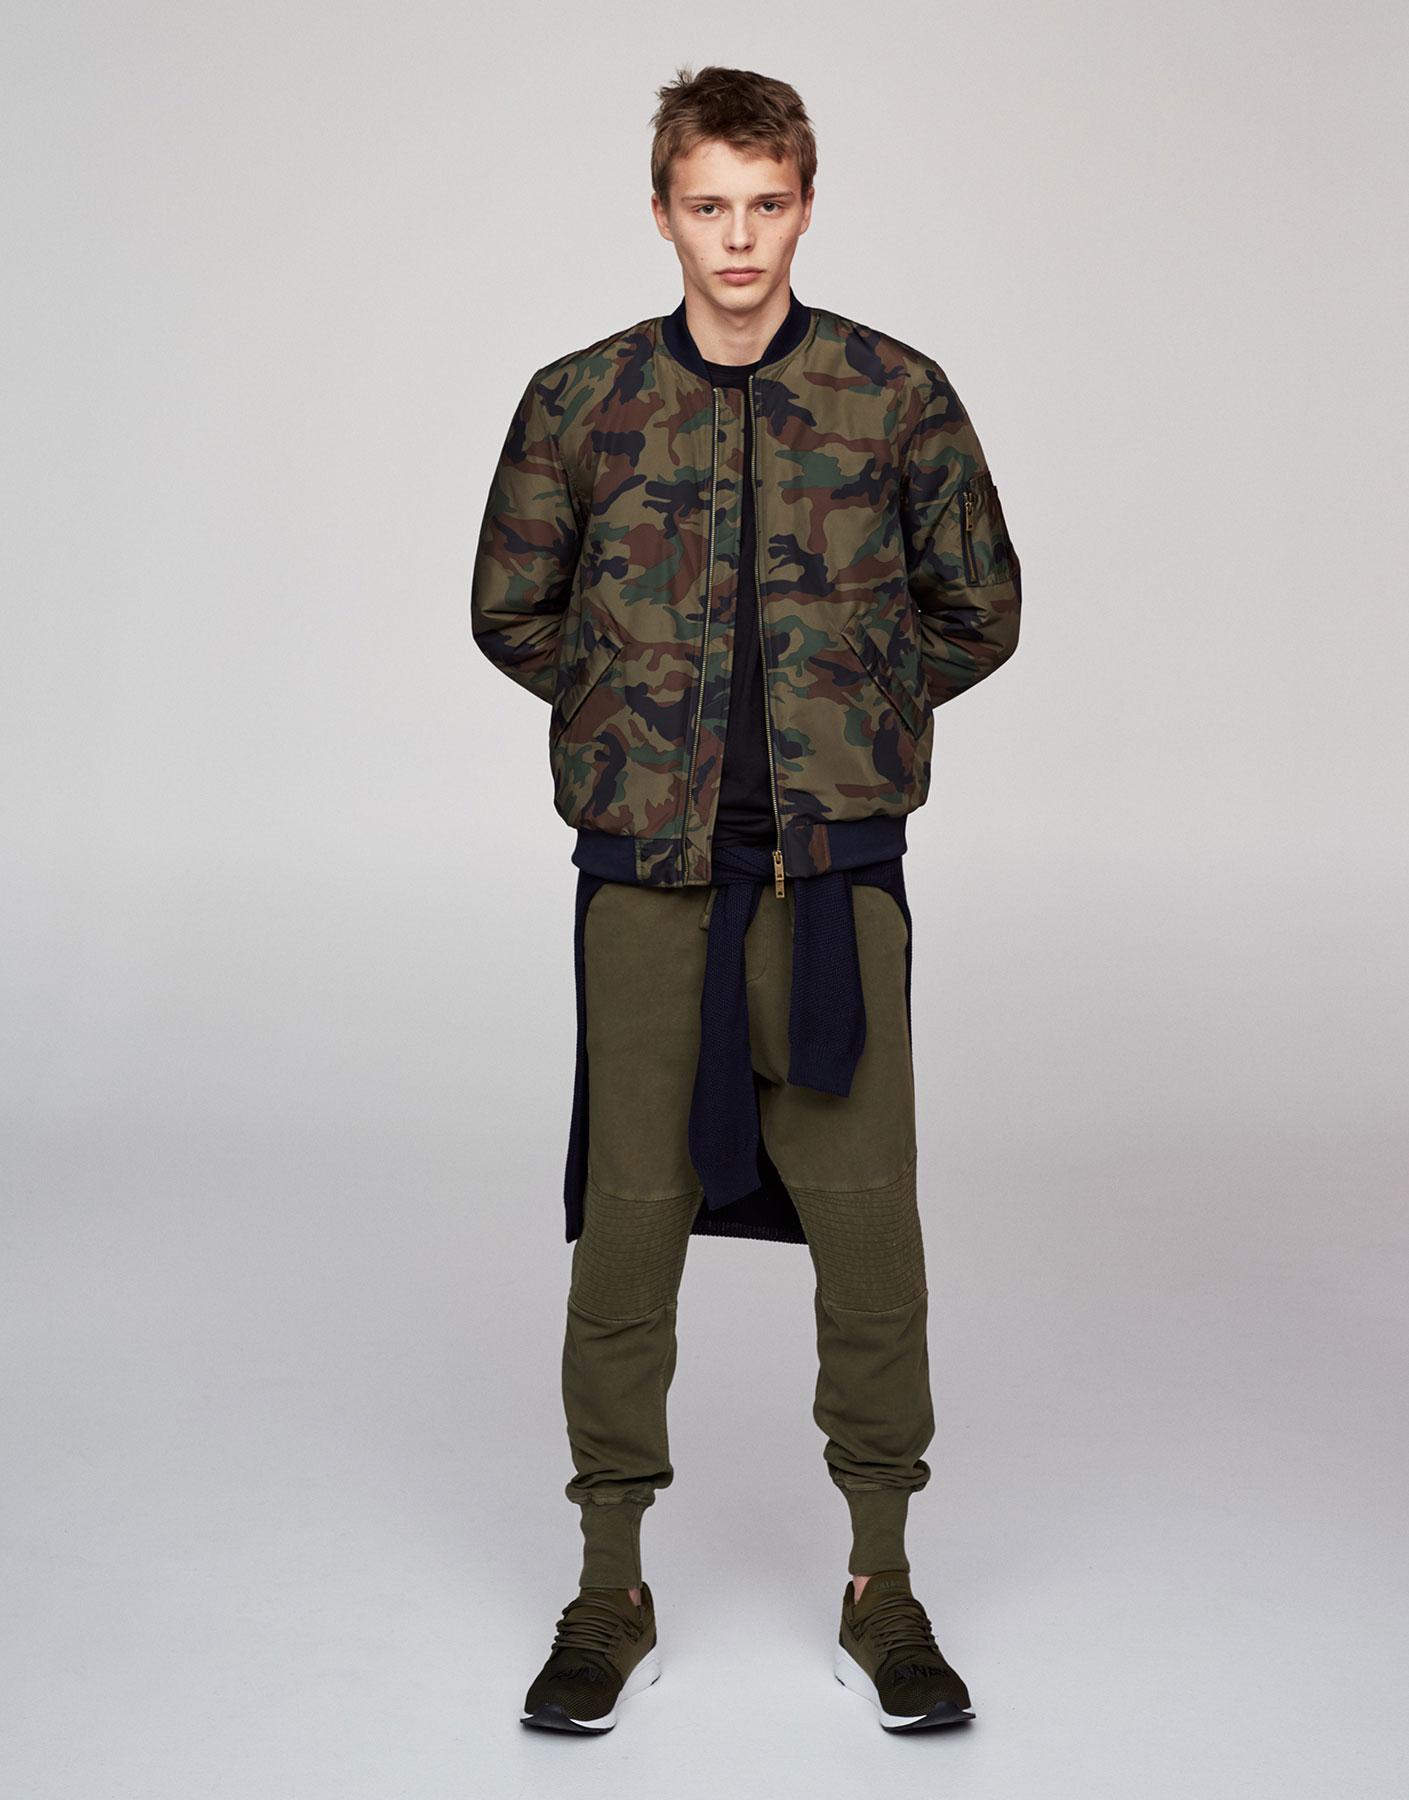 Blusão tipo bomber com estampado de camuflagem